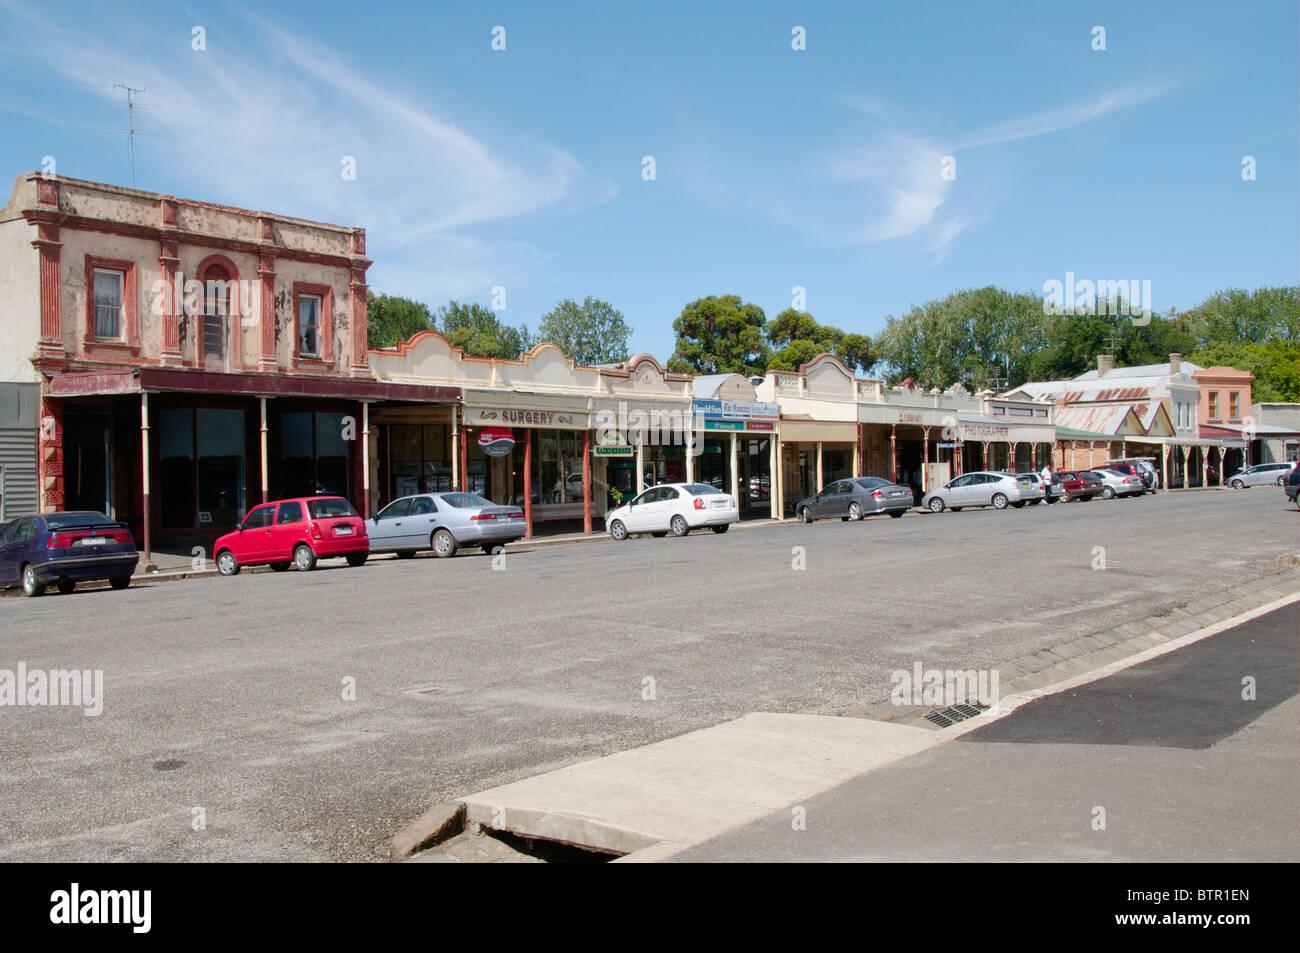 L'Australie, le Centre de Victoria, Clunes, grande rue avec des voitures garées près du bâtiment Photo Stock